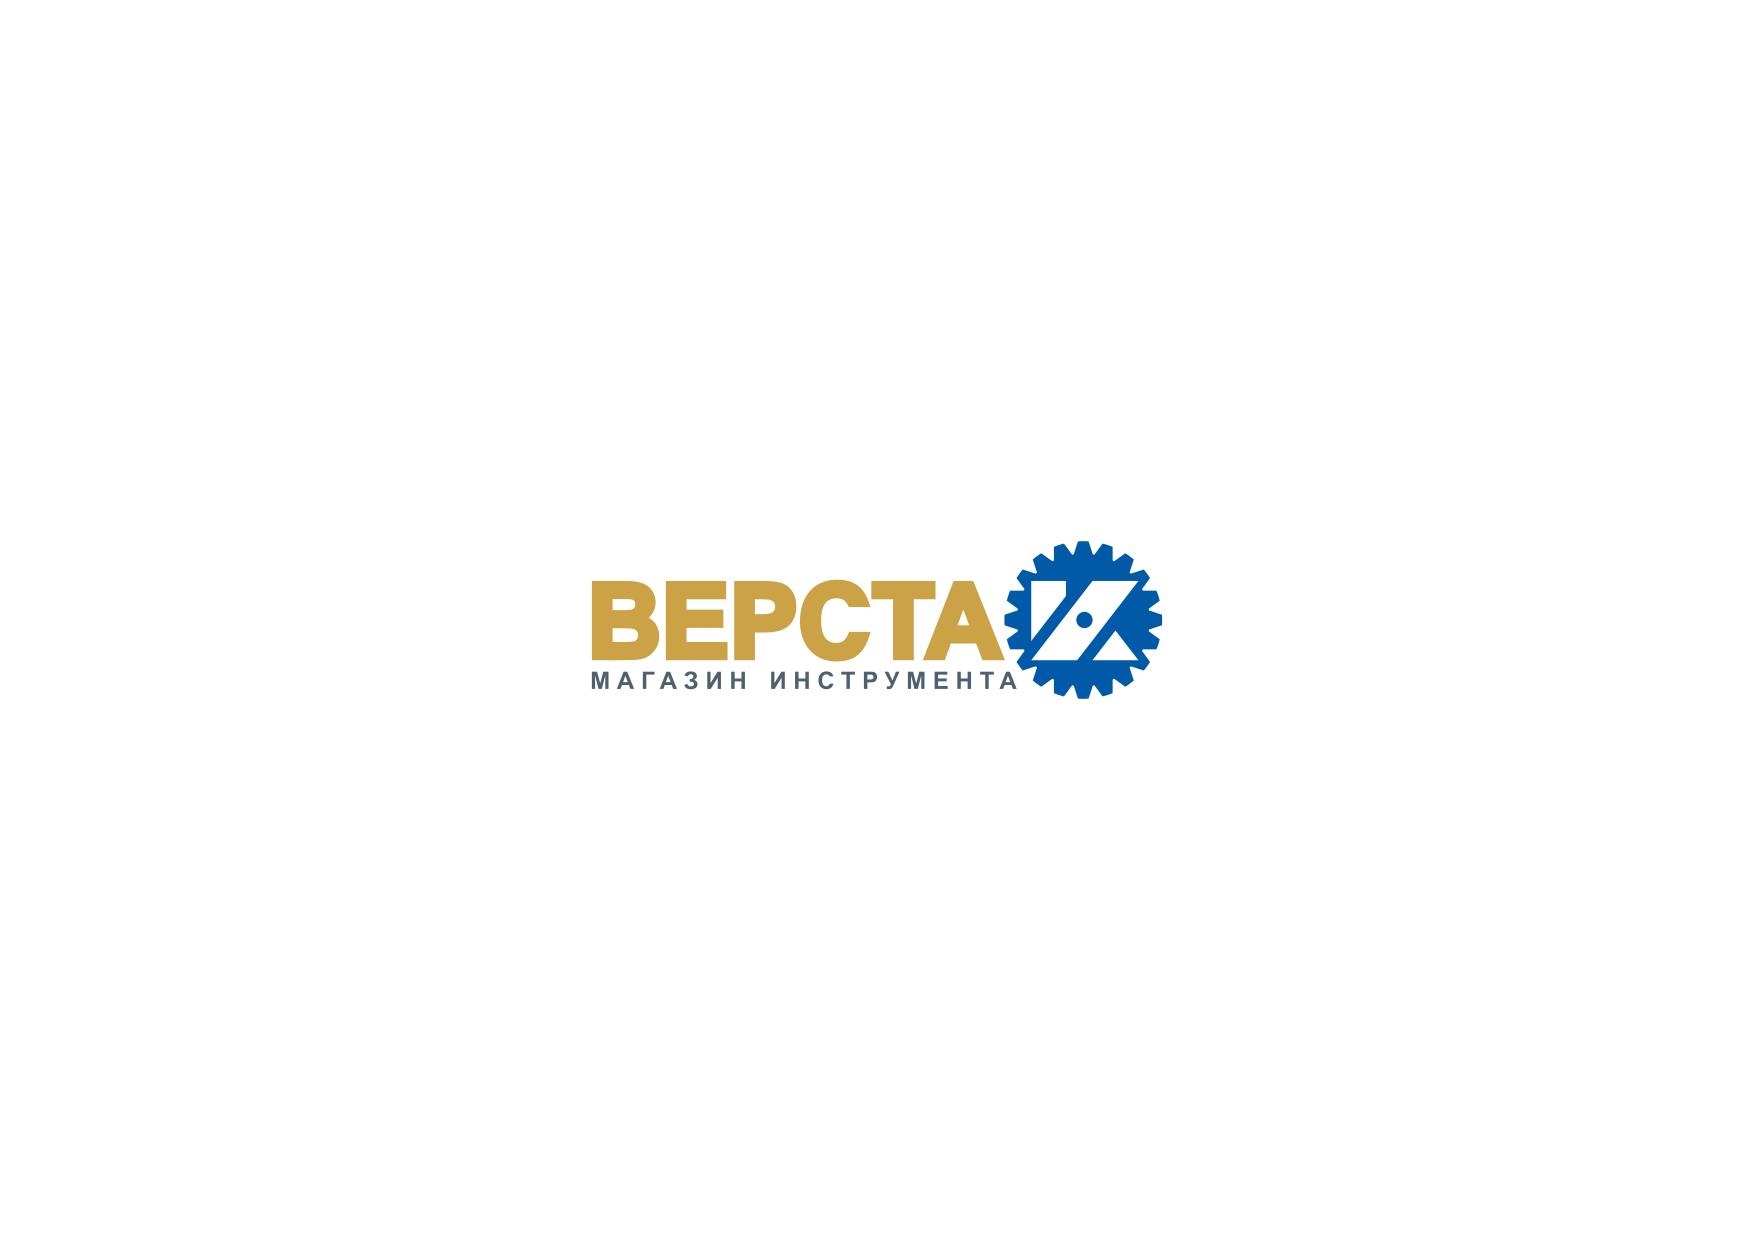 Логотип магазина бензо, электро, ручного инструмента фото f_5515a18210295bfe.png